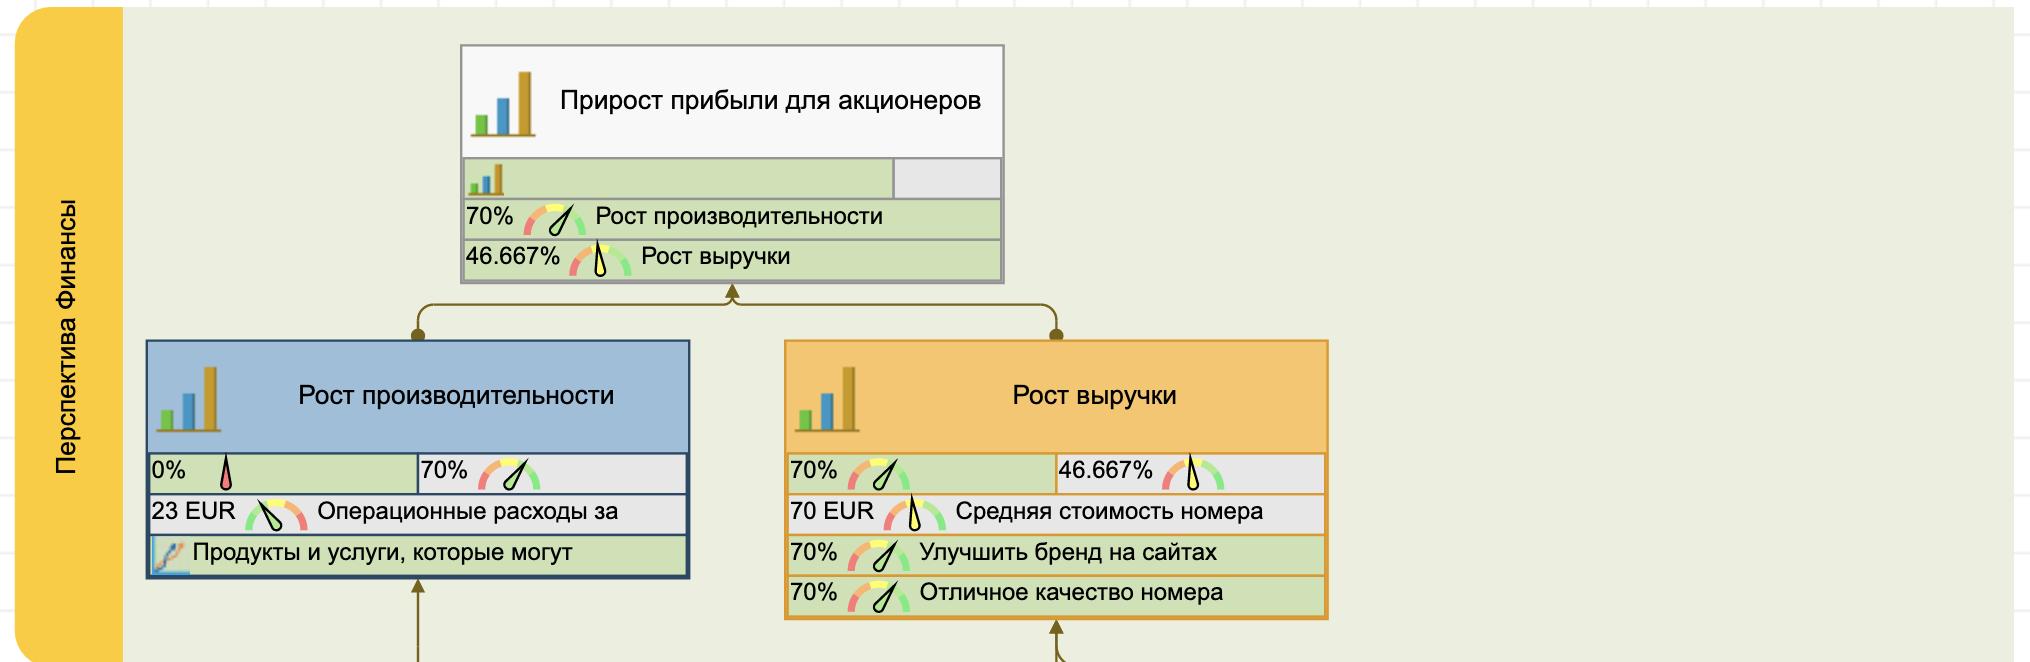 Финансовая перспектива стратегии отеля